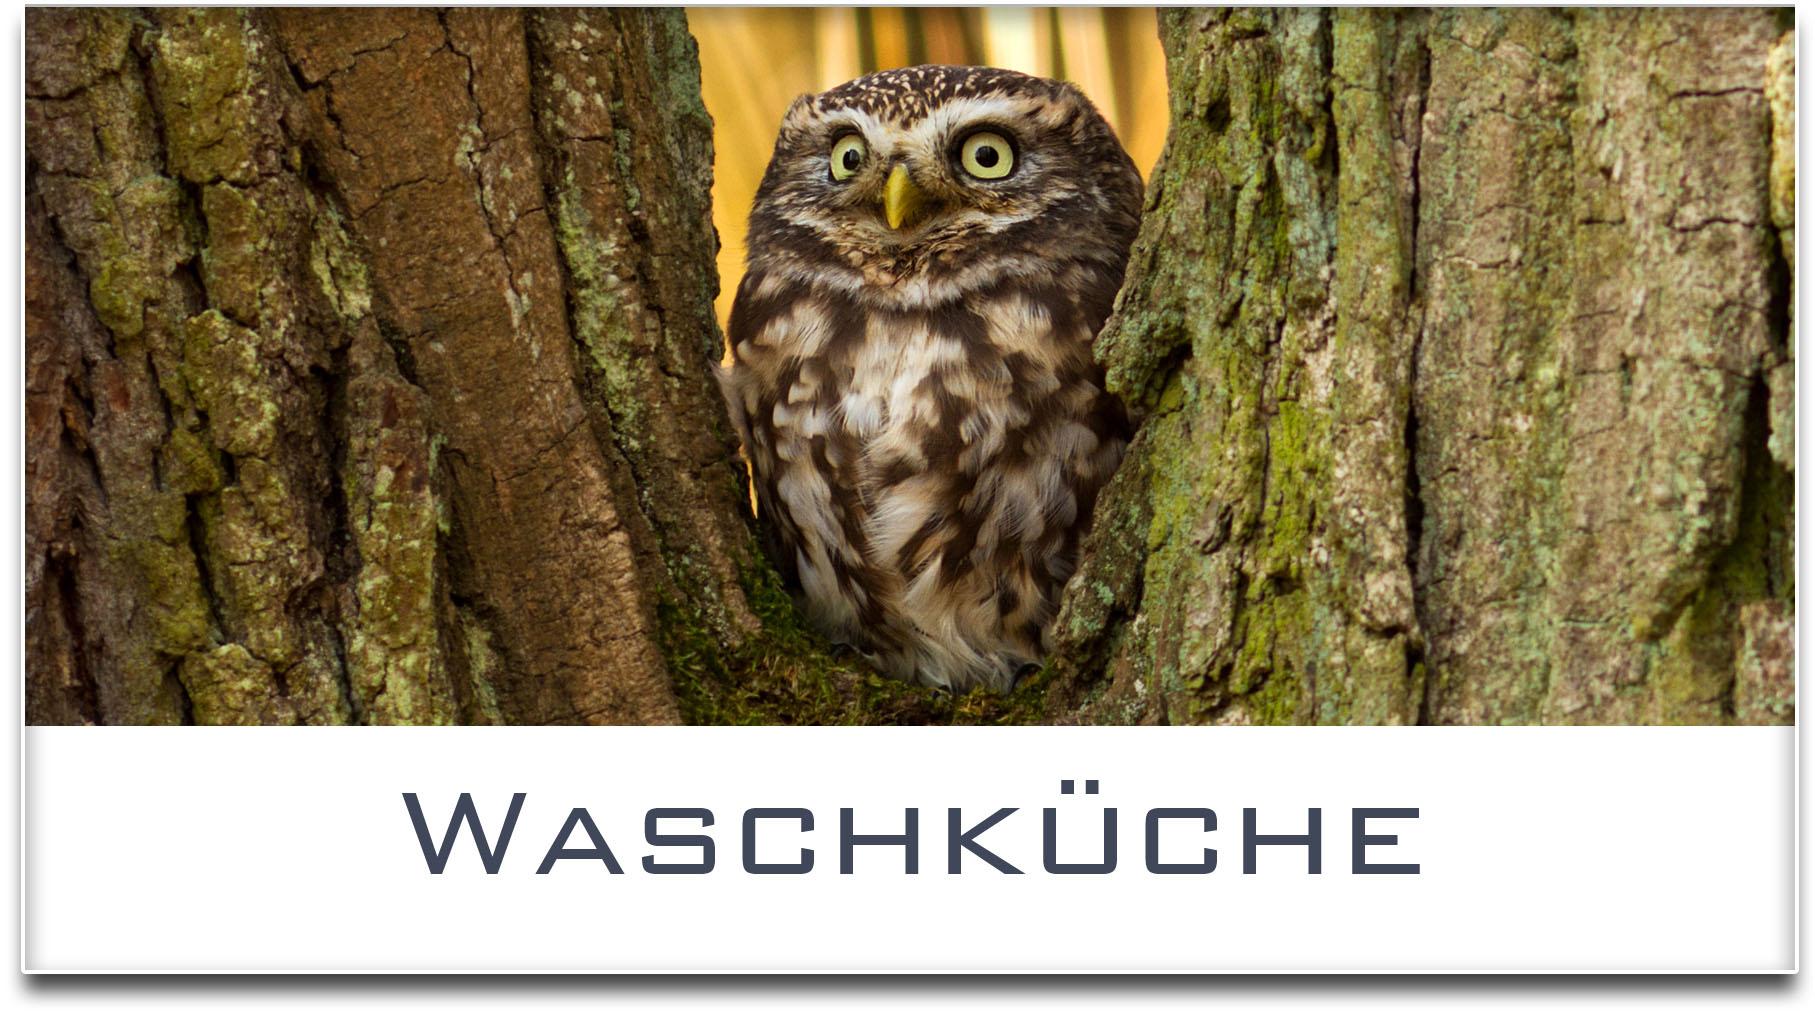 Türschild / Haustürschild / Eule / Waschküche / Selbstklebend